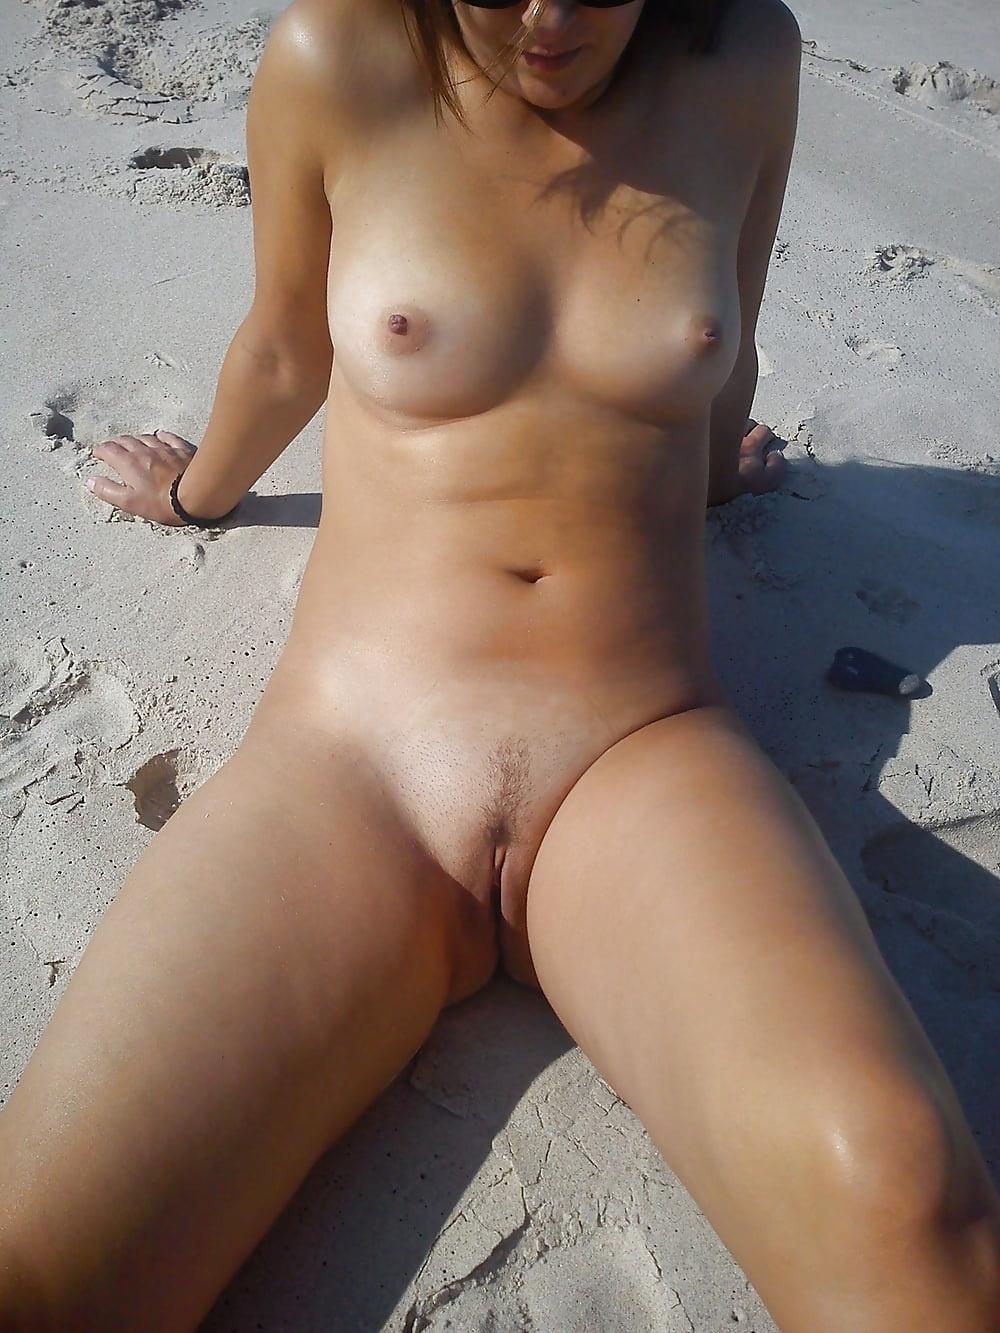 Geile schlampe nackt